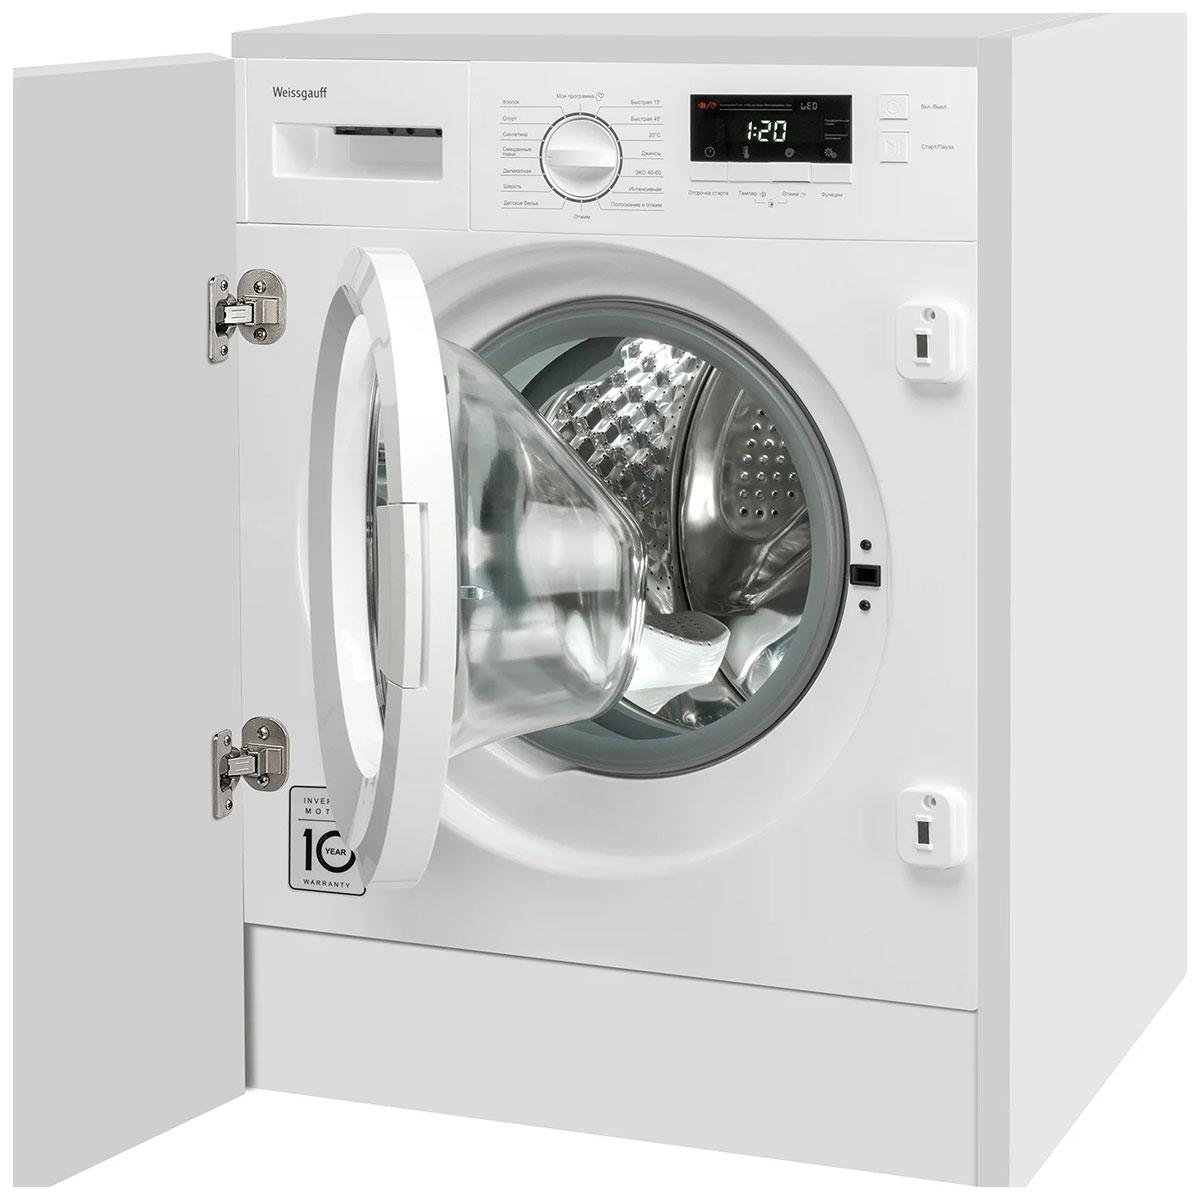 плюс: парфюм встроенная стиральная машинка отзывы теле часов